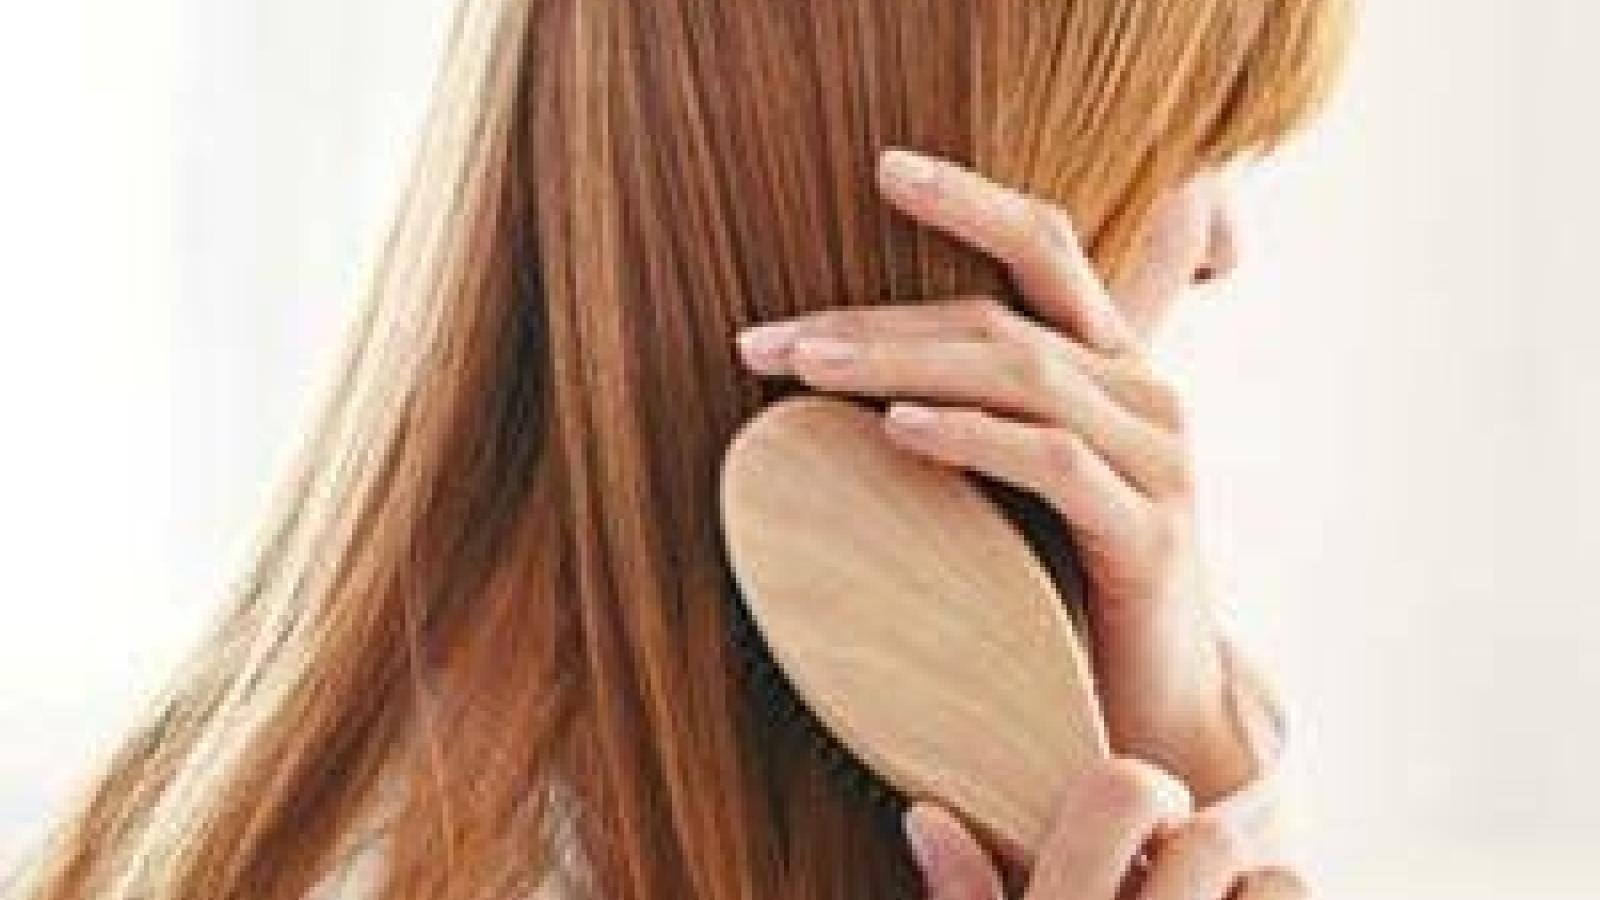 13 việc bạn làm đang phá hủy mái tóc của bạn